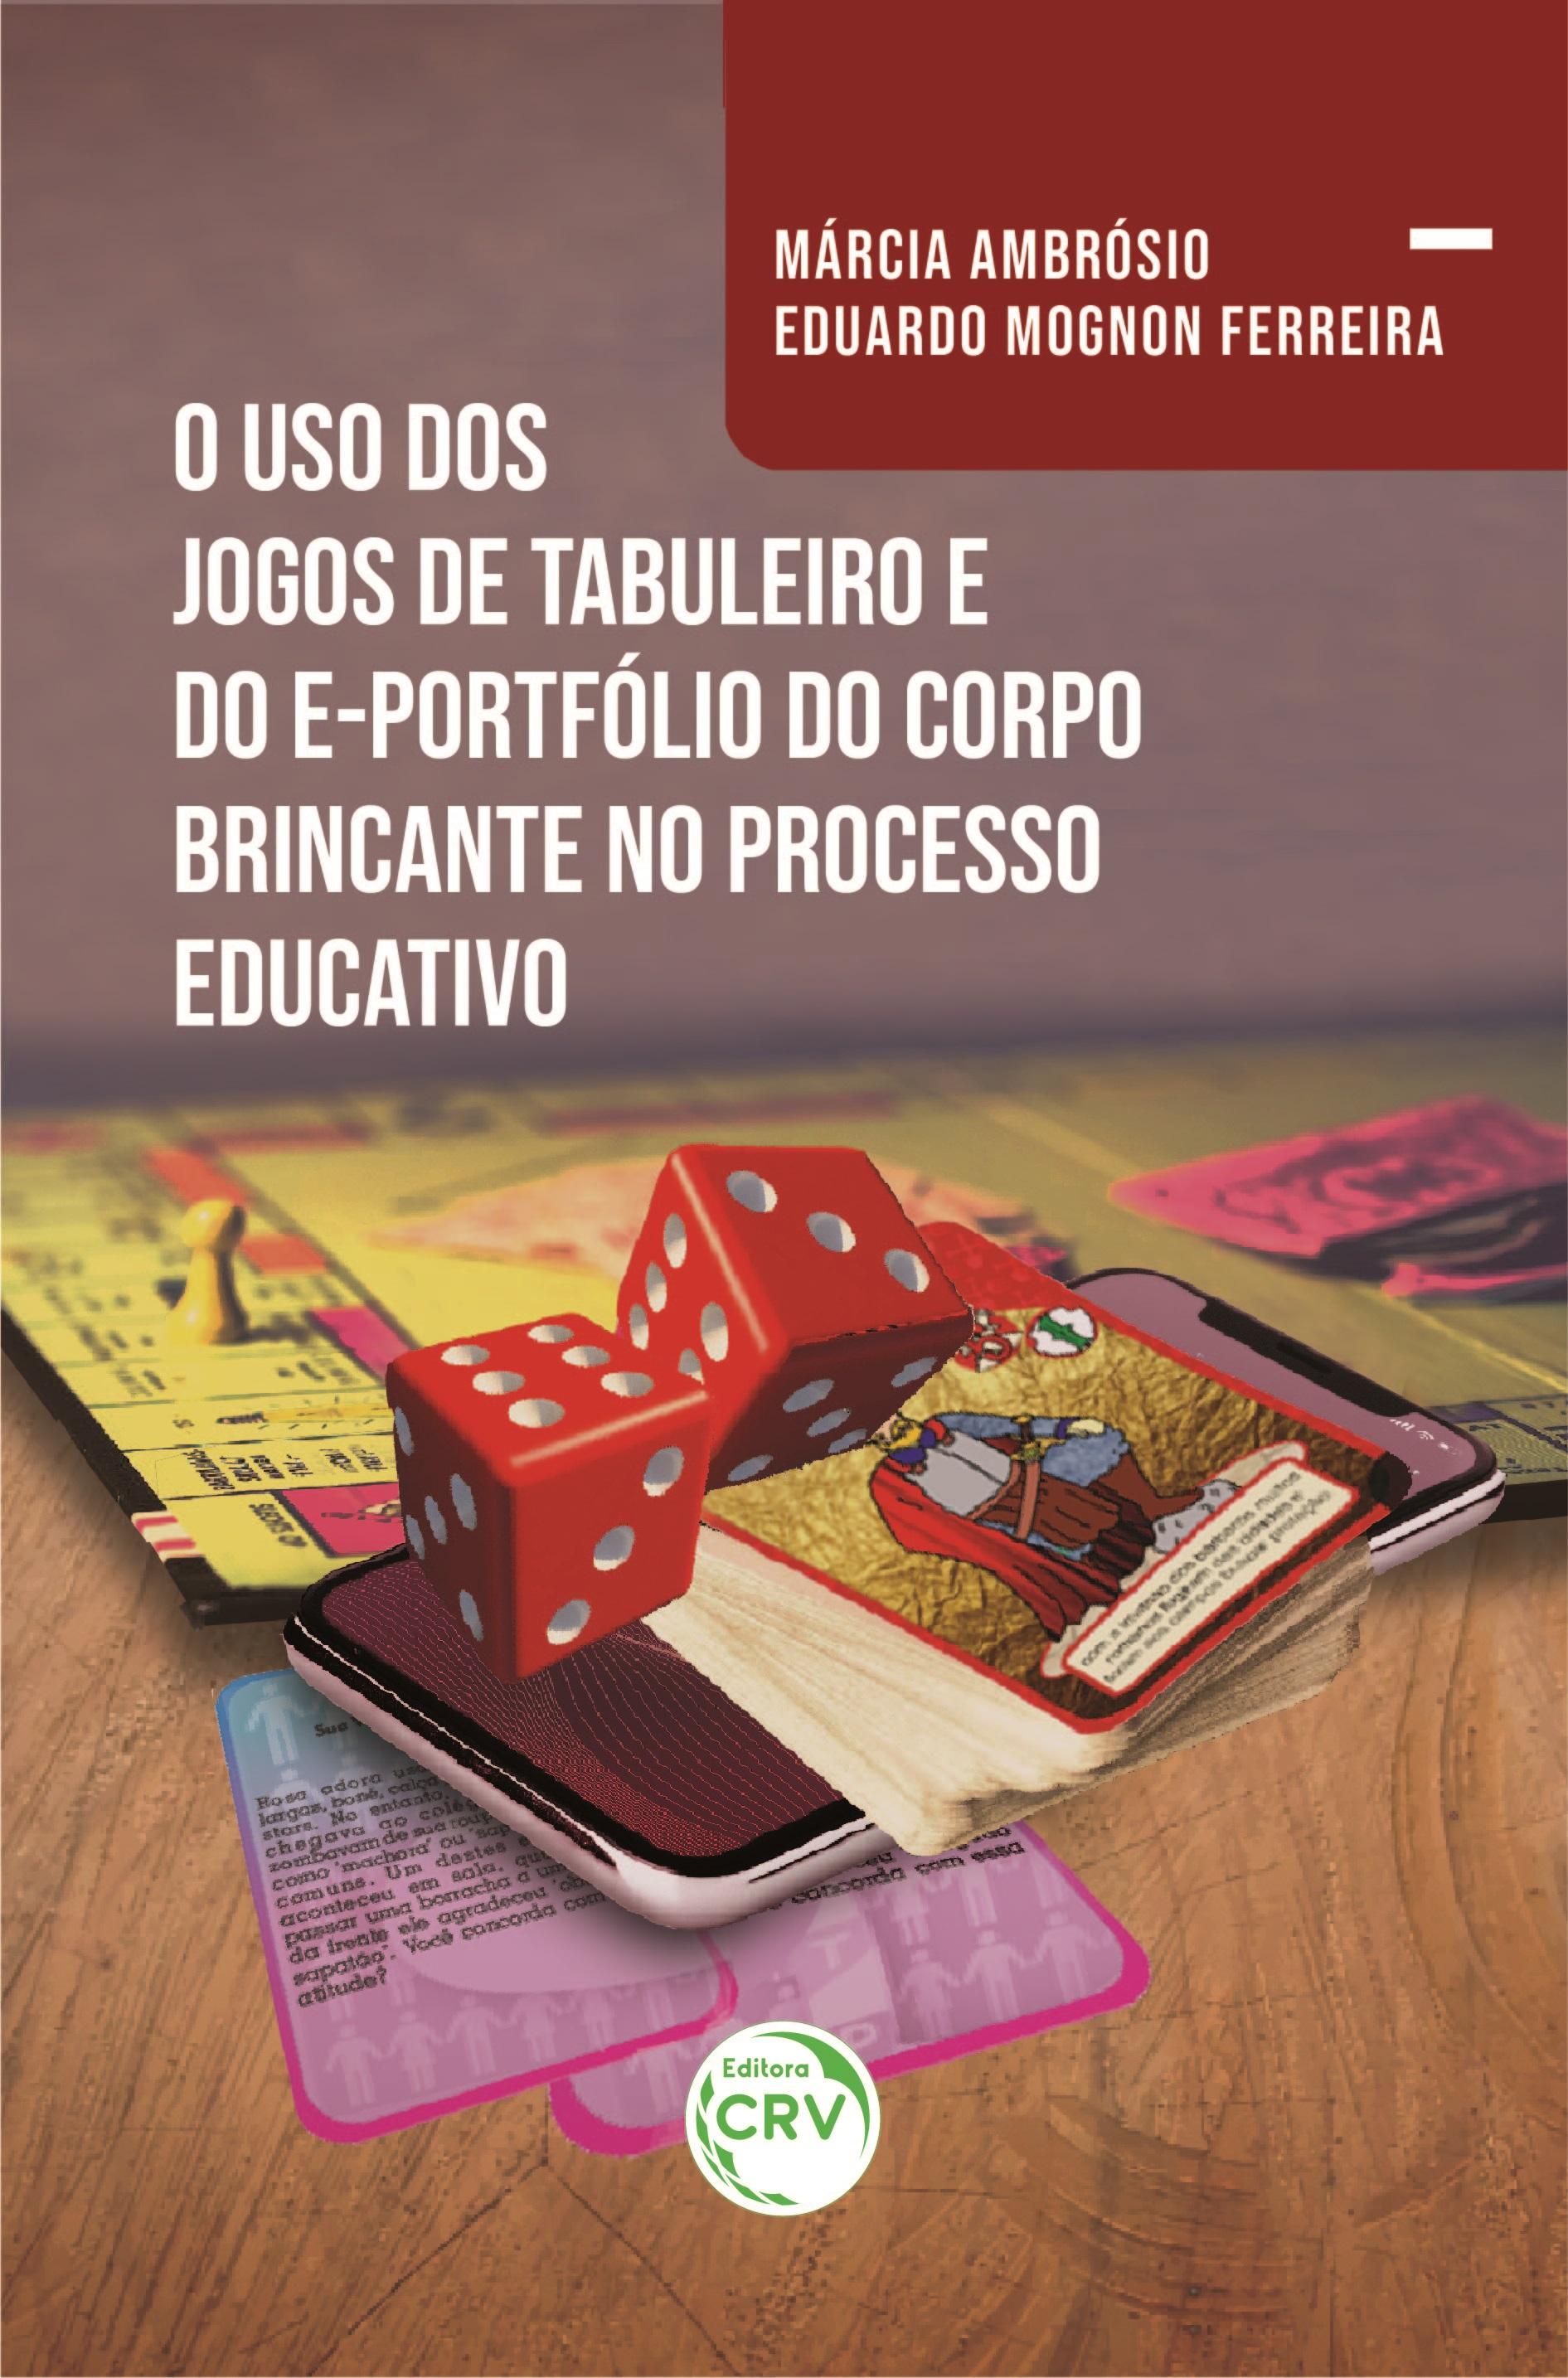 Capa do livro: O USO DOS JOGOS DE TABULEIRO E DO E-PORTFÓLIO DO CORPO BRINCANTE NO PROCESSO EDUCATIVO